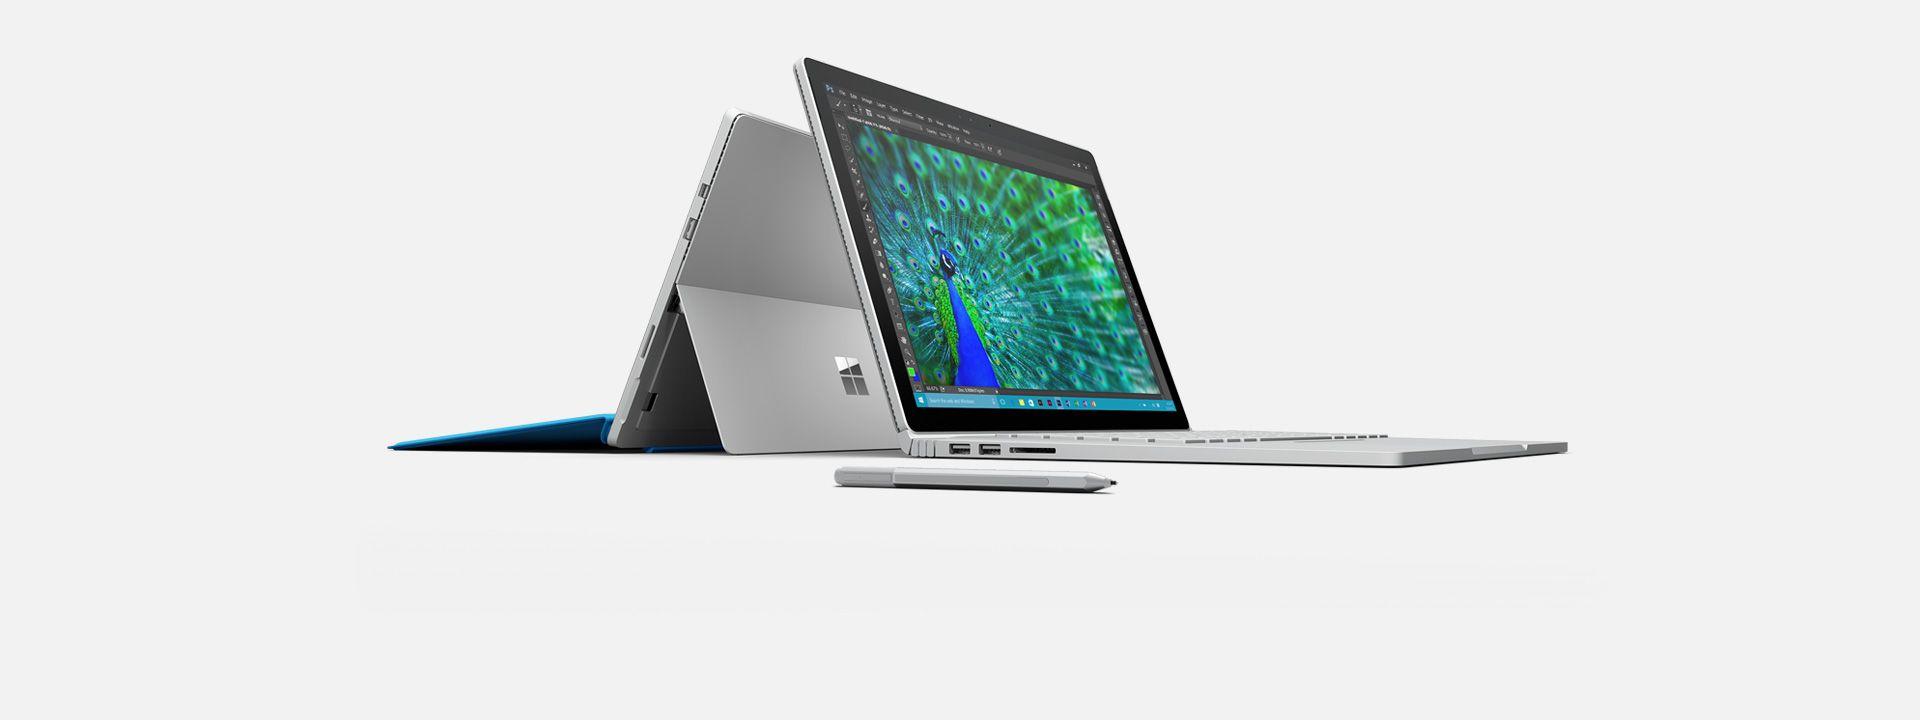 microsoft surface pro windows 7 drivers